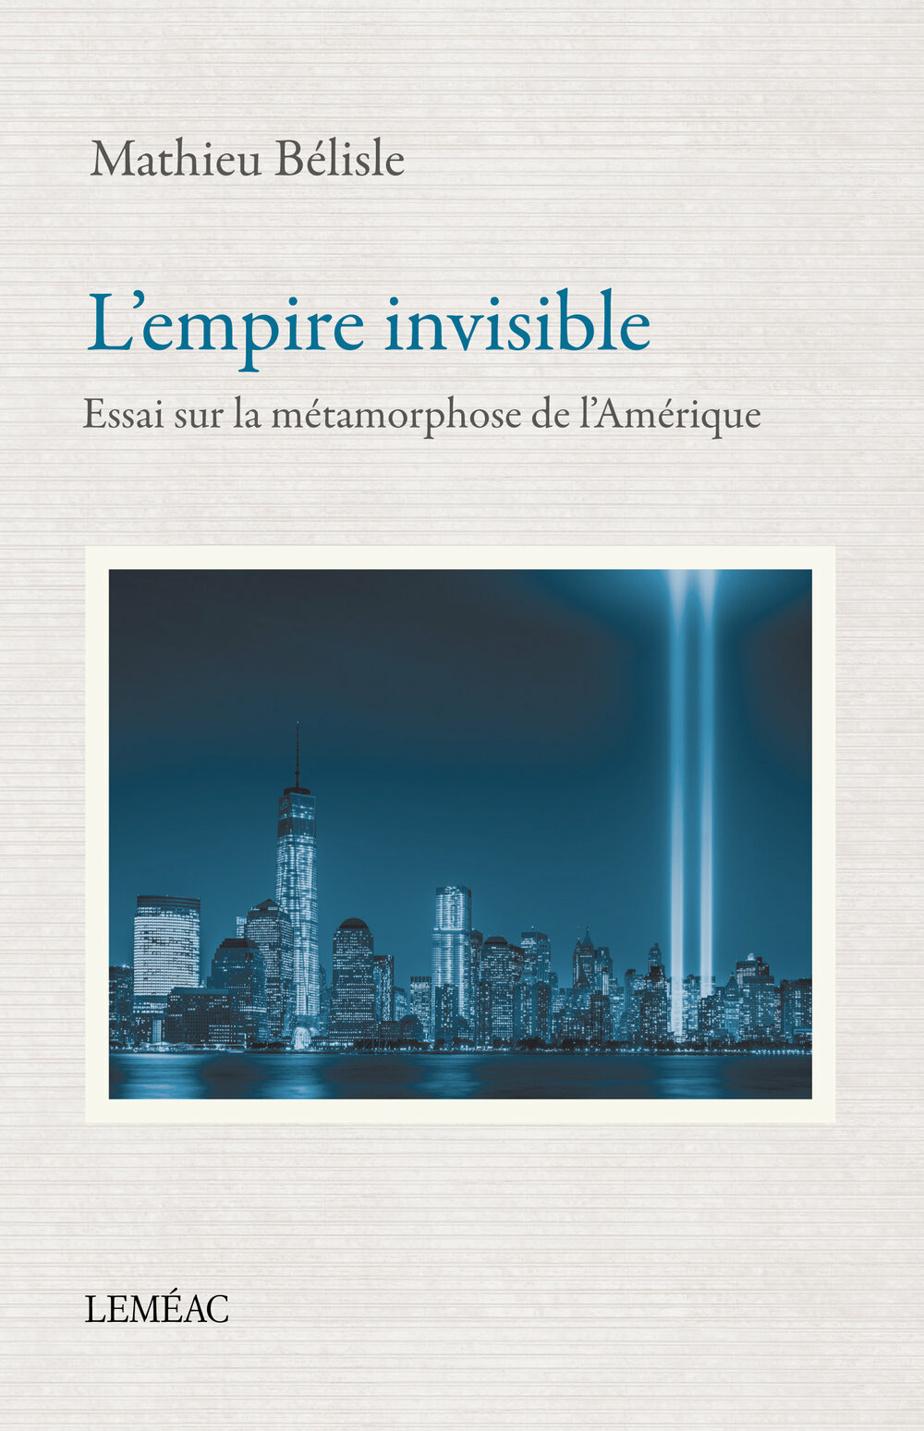 L'empire invisible – Essai sur la métamorphose de l'Amérique